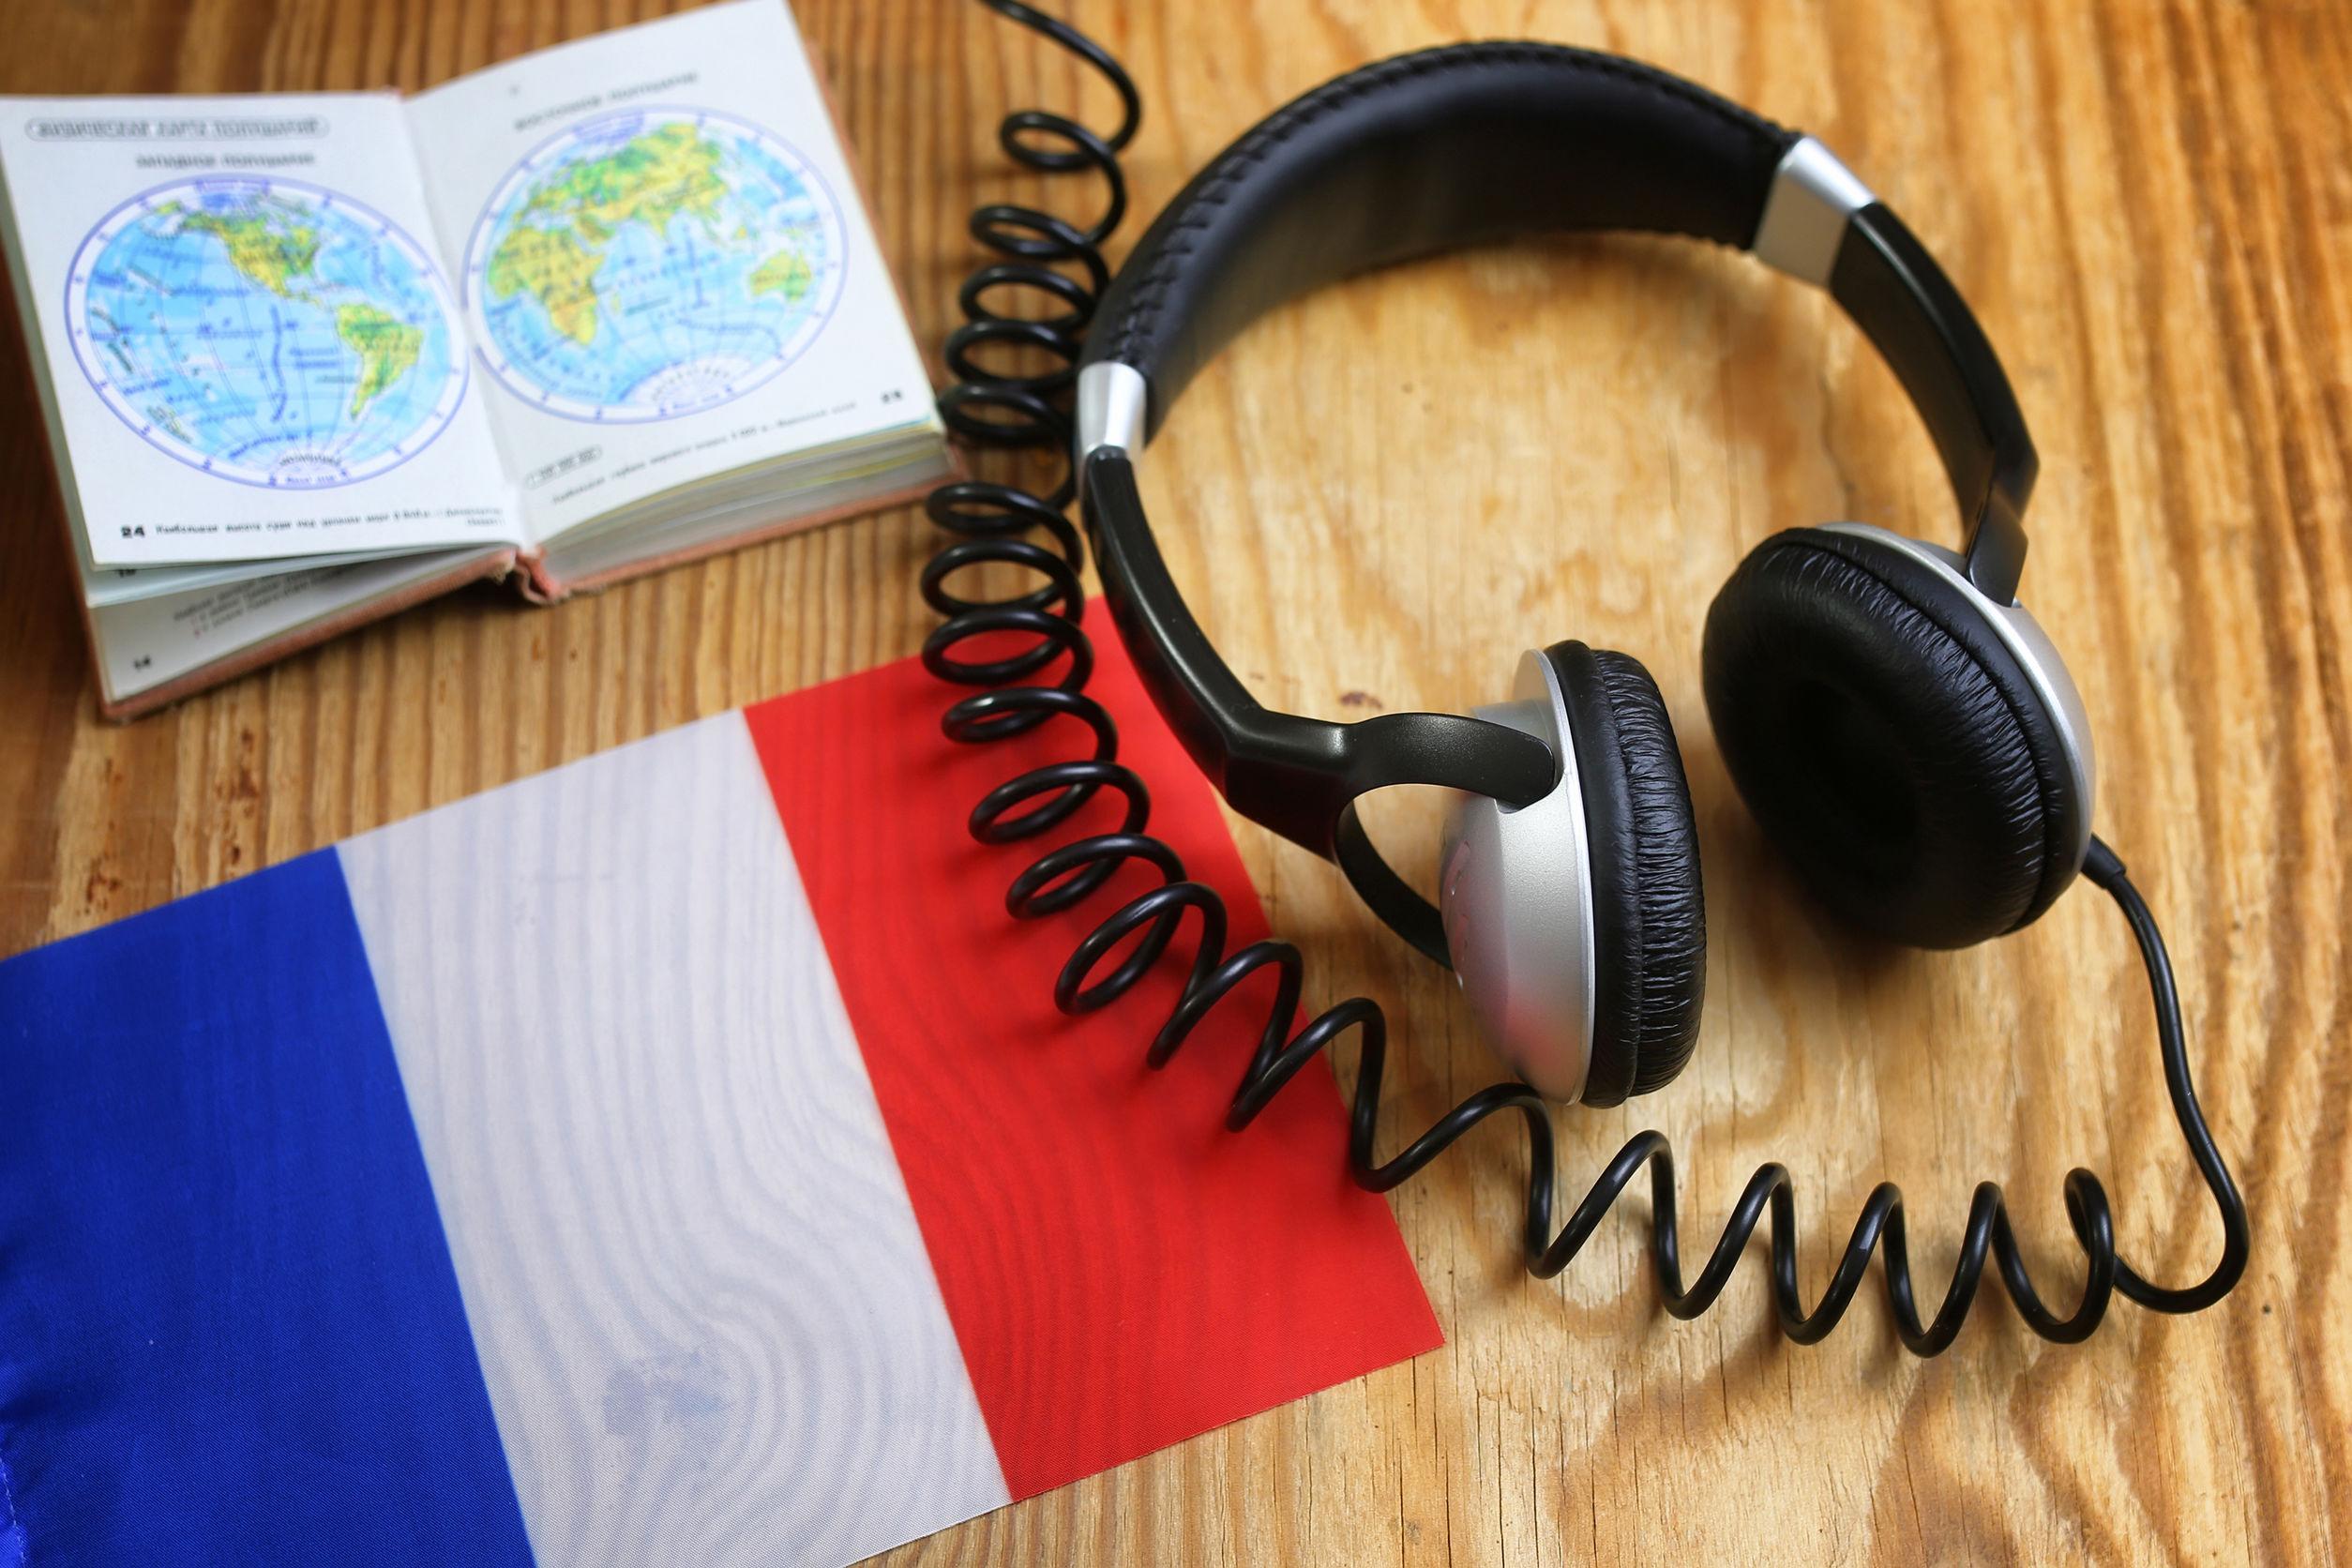 fone de ouvido em uma mesa com bandeira francesa e dicionário para o curso de francês